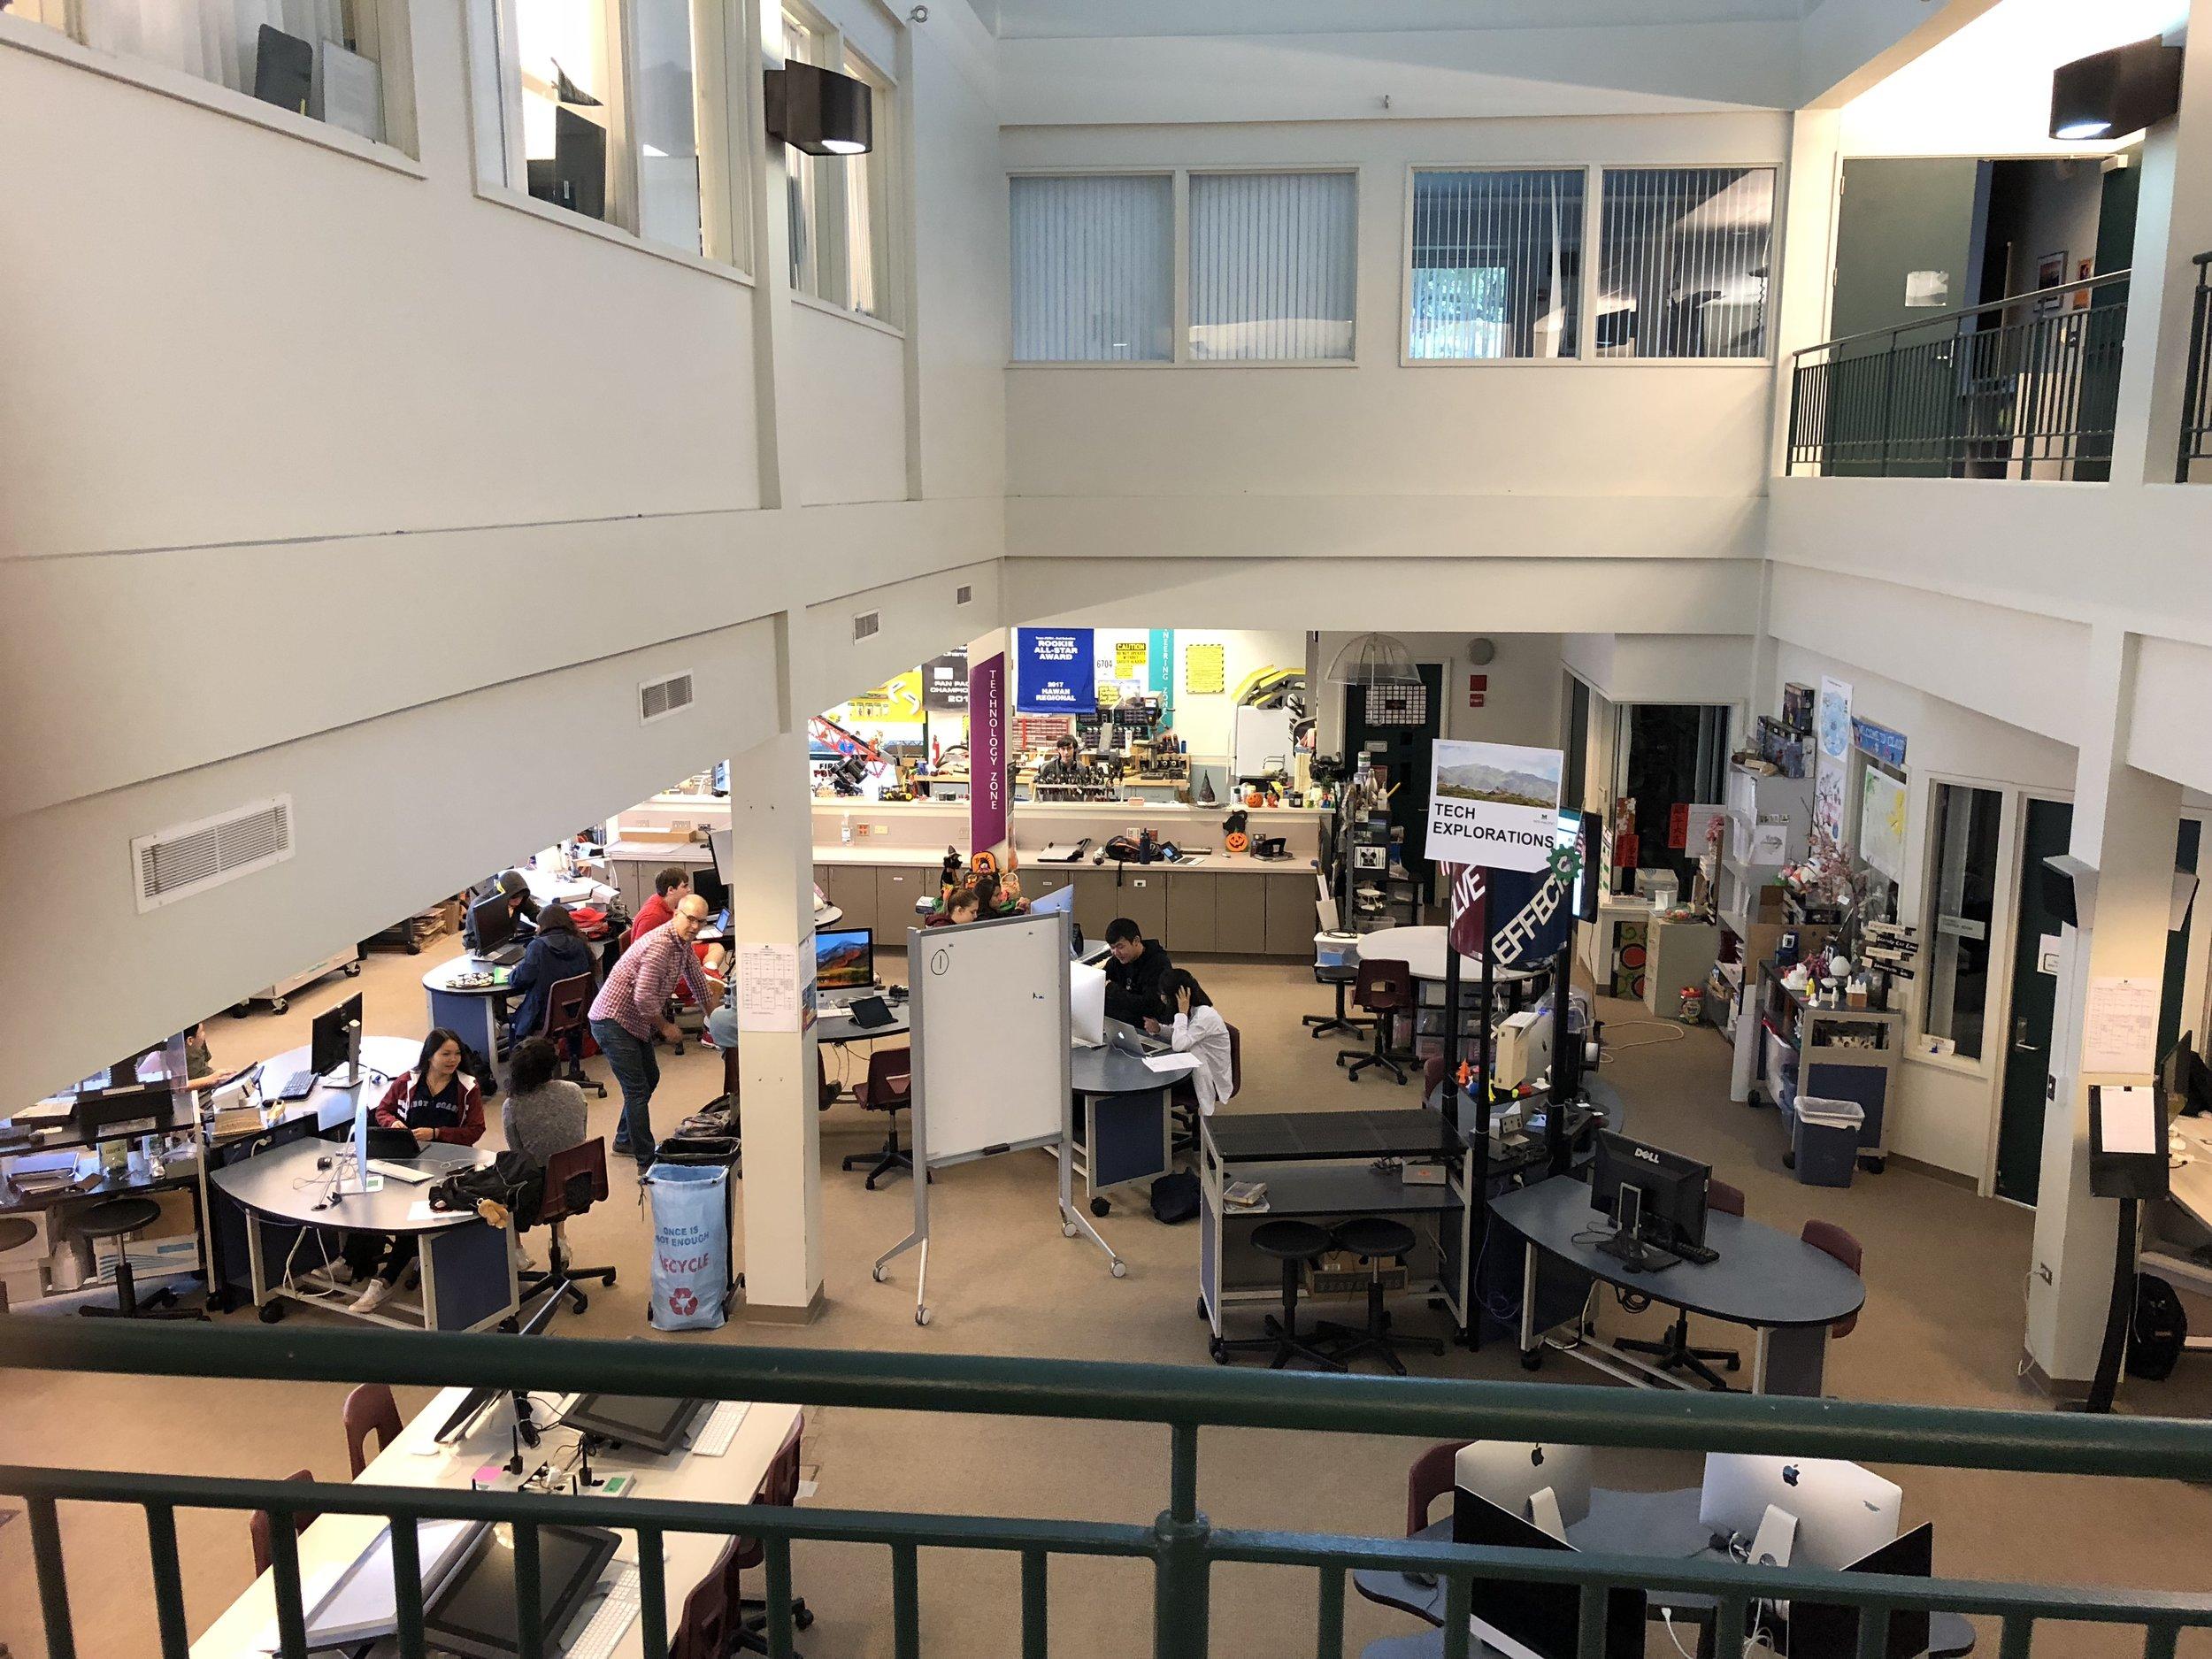 スタンフォード D スクールにインスピレーションを得たという テックセンターでは、学生達が随所で異なった活動を行なっていた